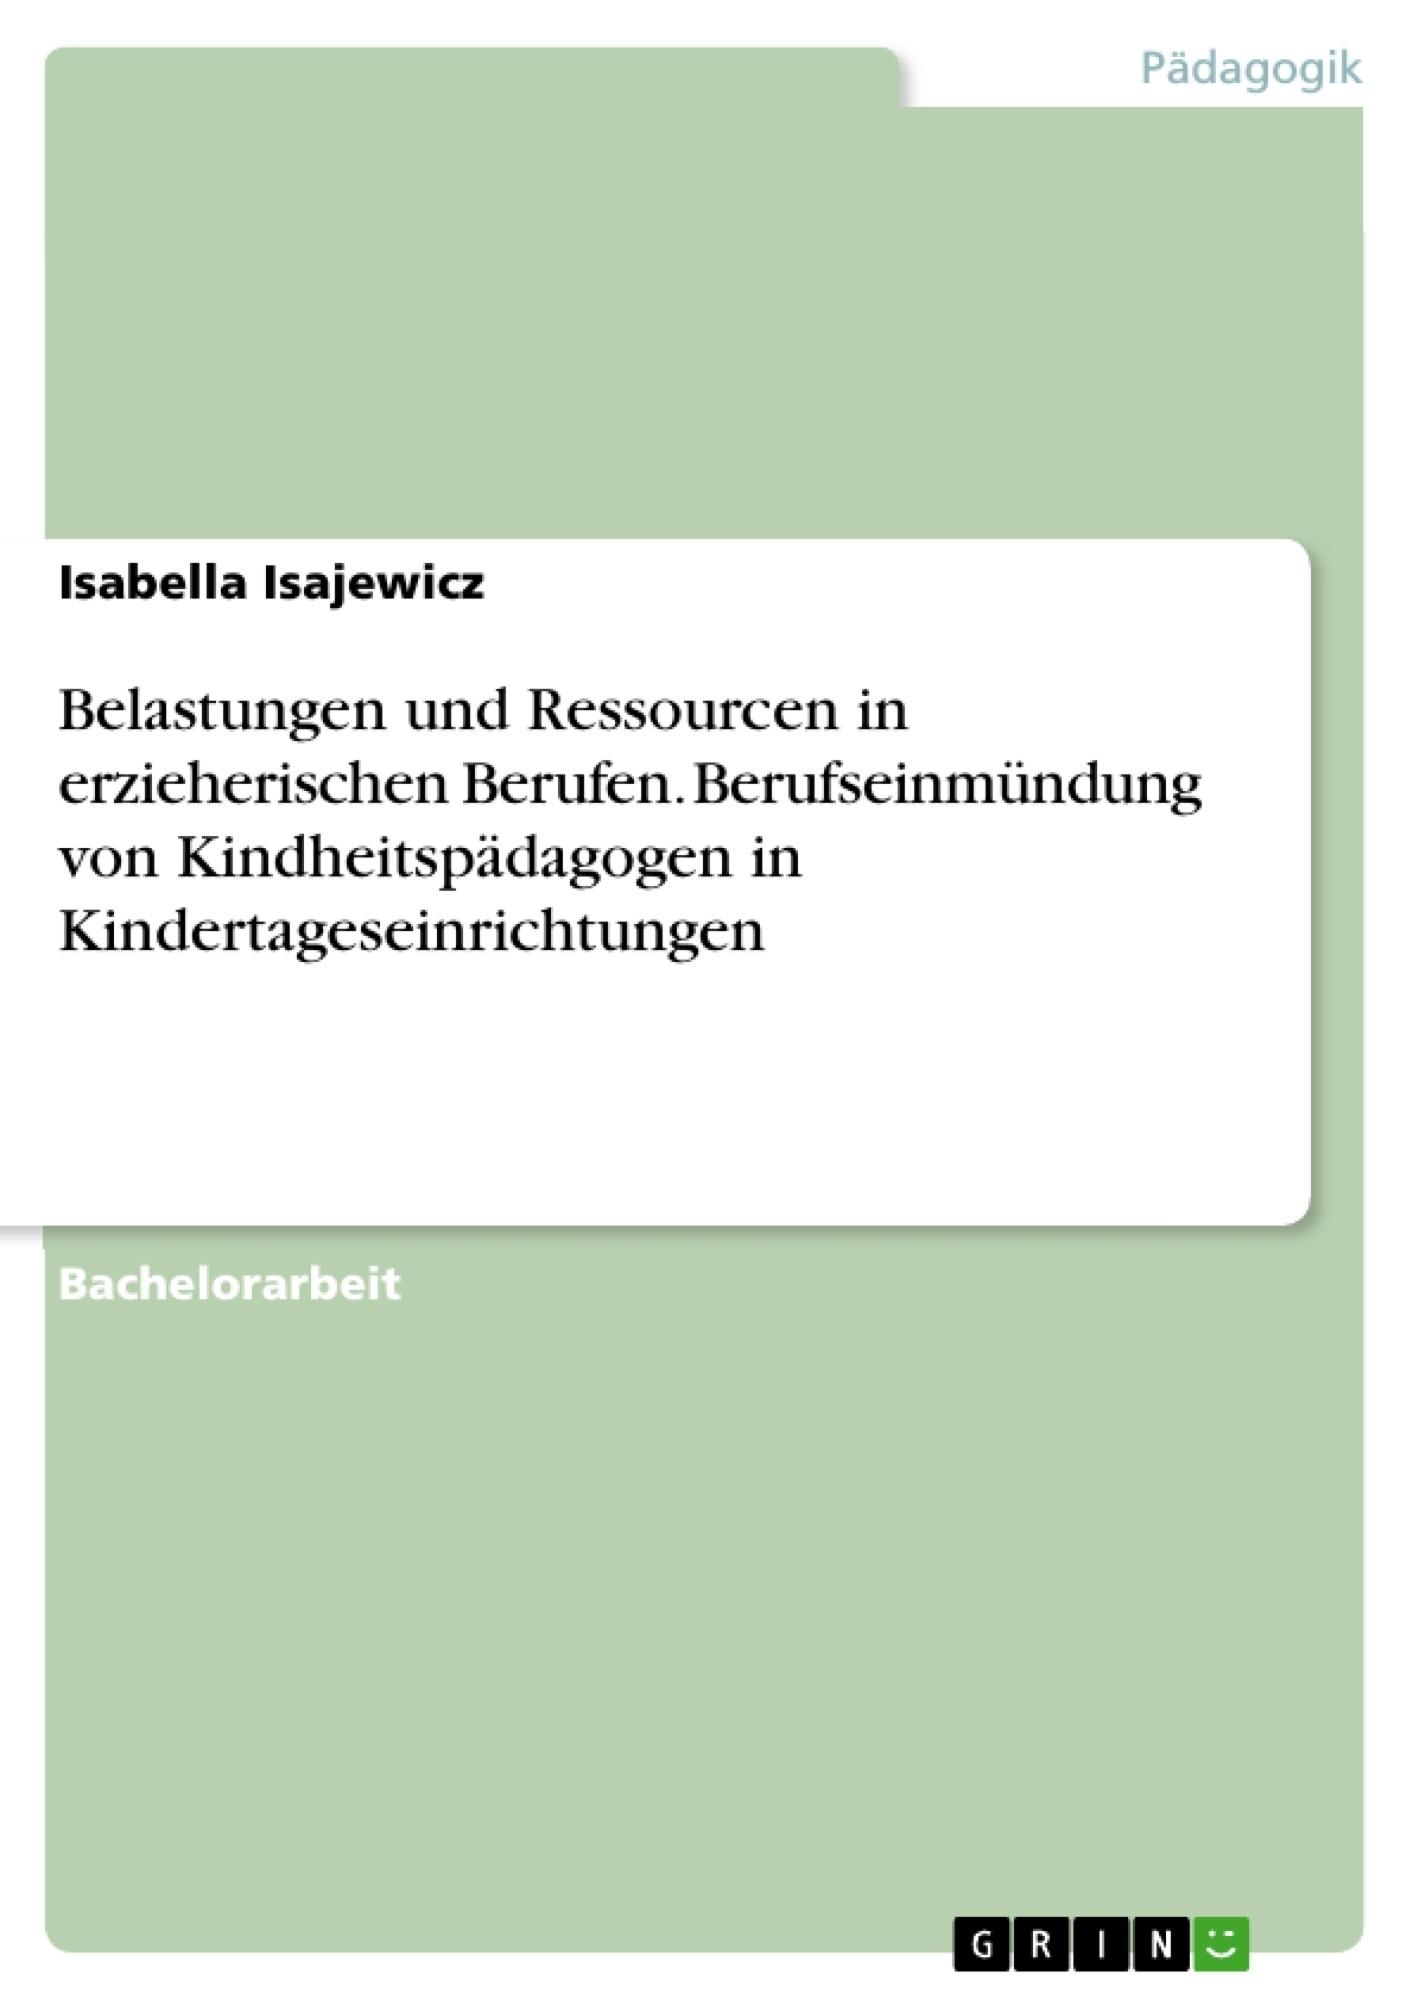 Titel: Belastungen und Ressourcen in erzieherischen Berufen. Berufseinmündung von Kindheitspädagogen in Kindertageseinrichtungen